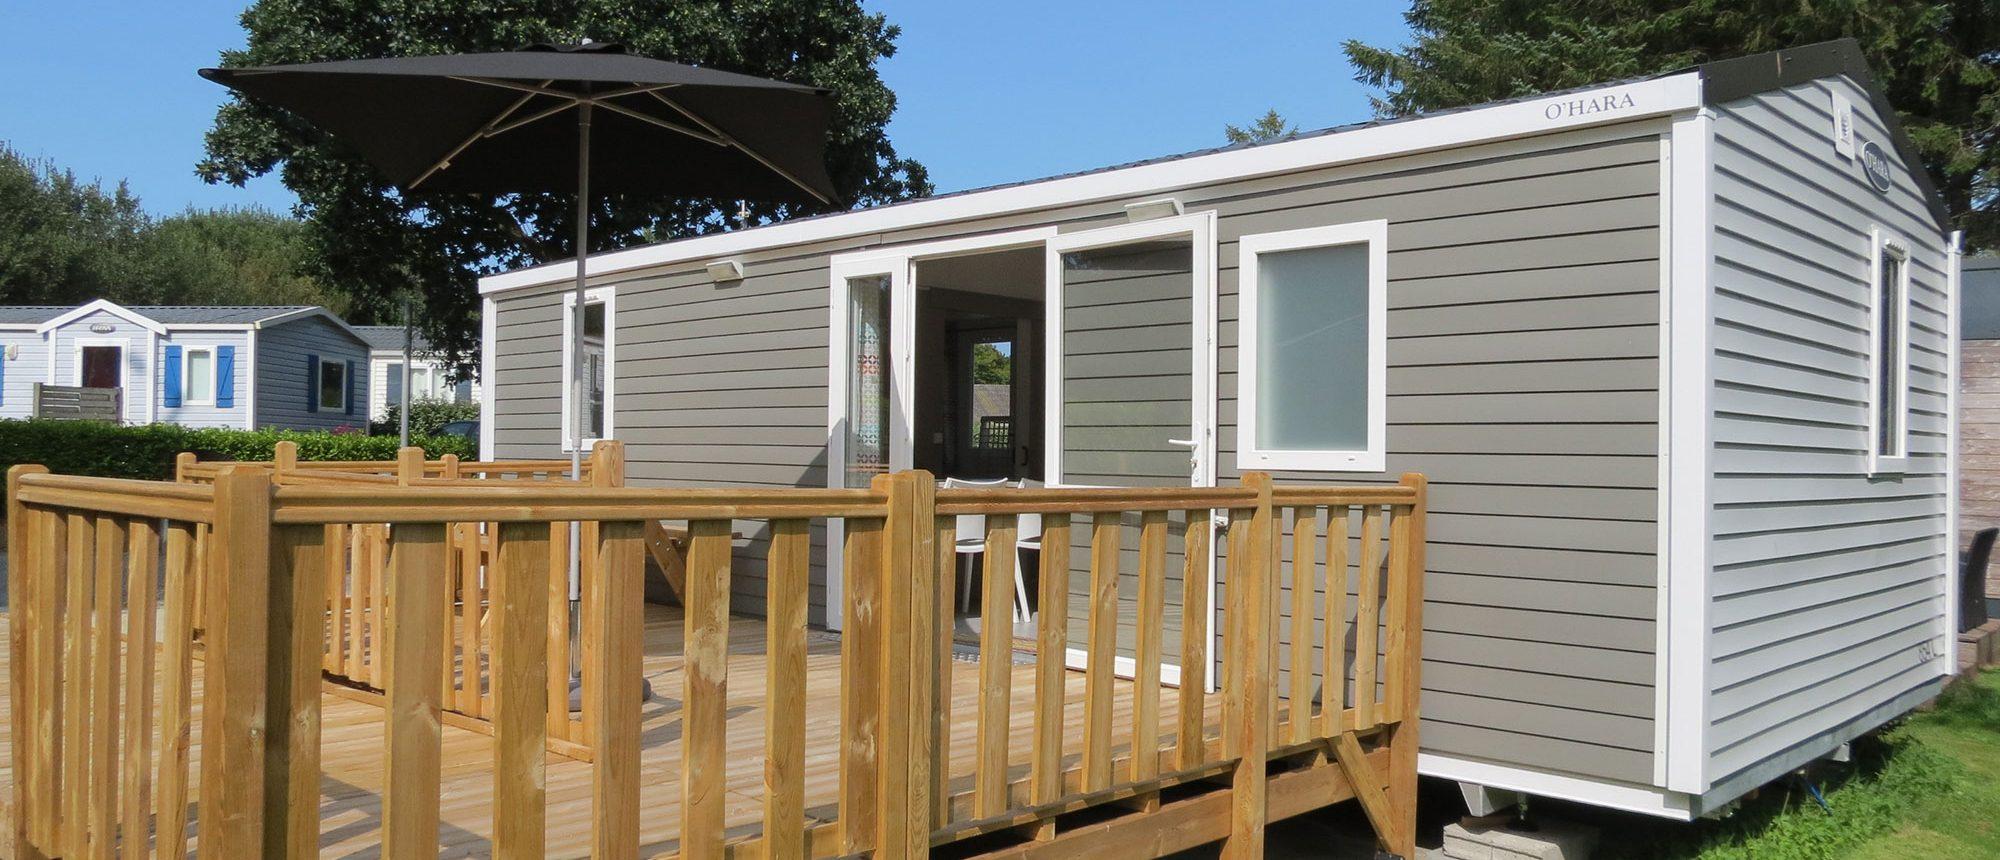 Location mobil-home Life camping à proximité du parc en Bretagne